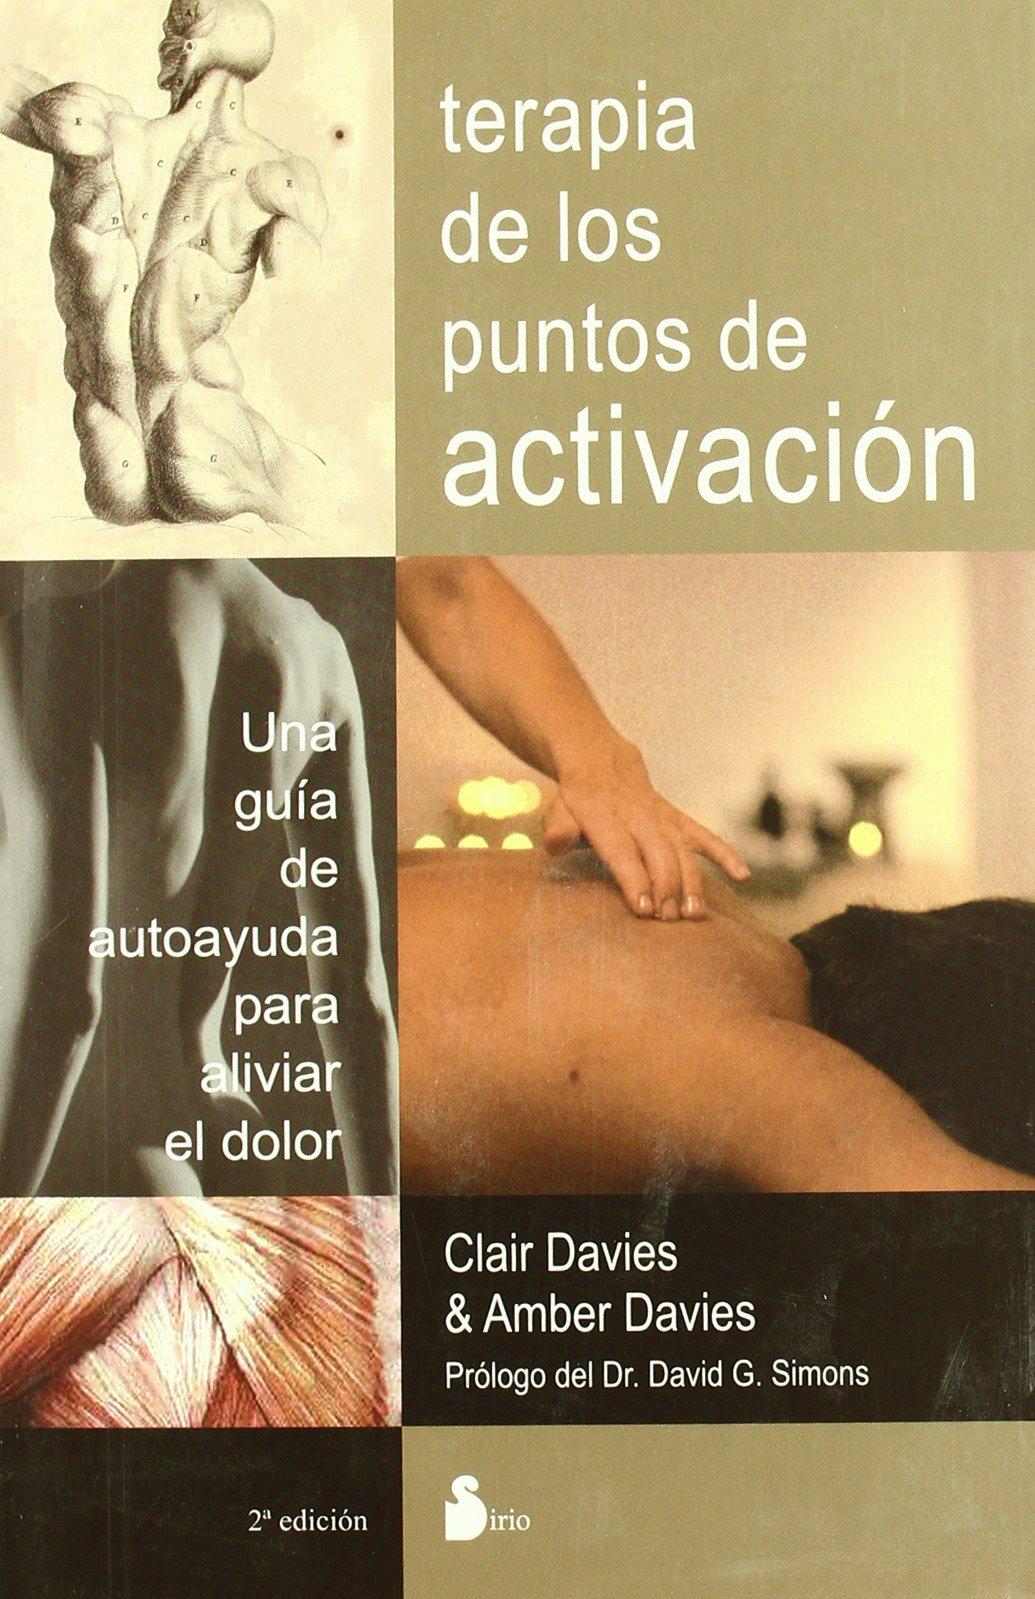 Terapia de los puntos de activación (2009, Band 96)